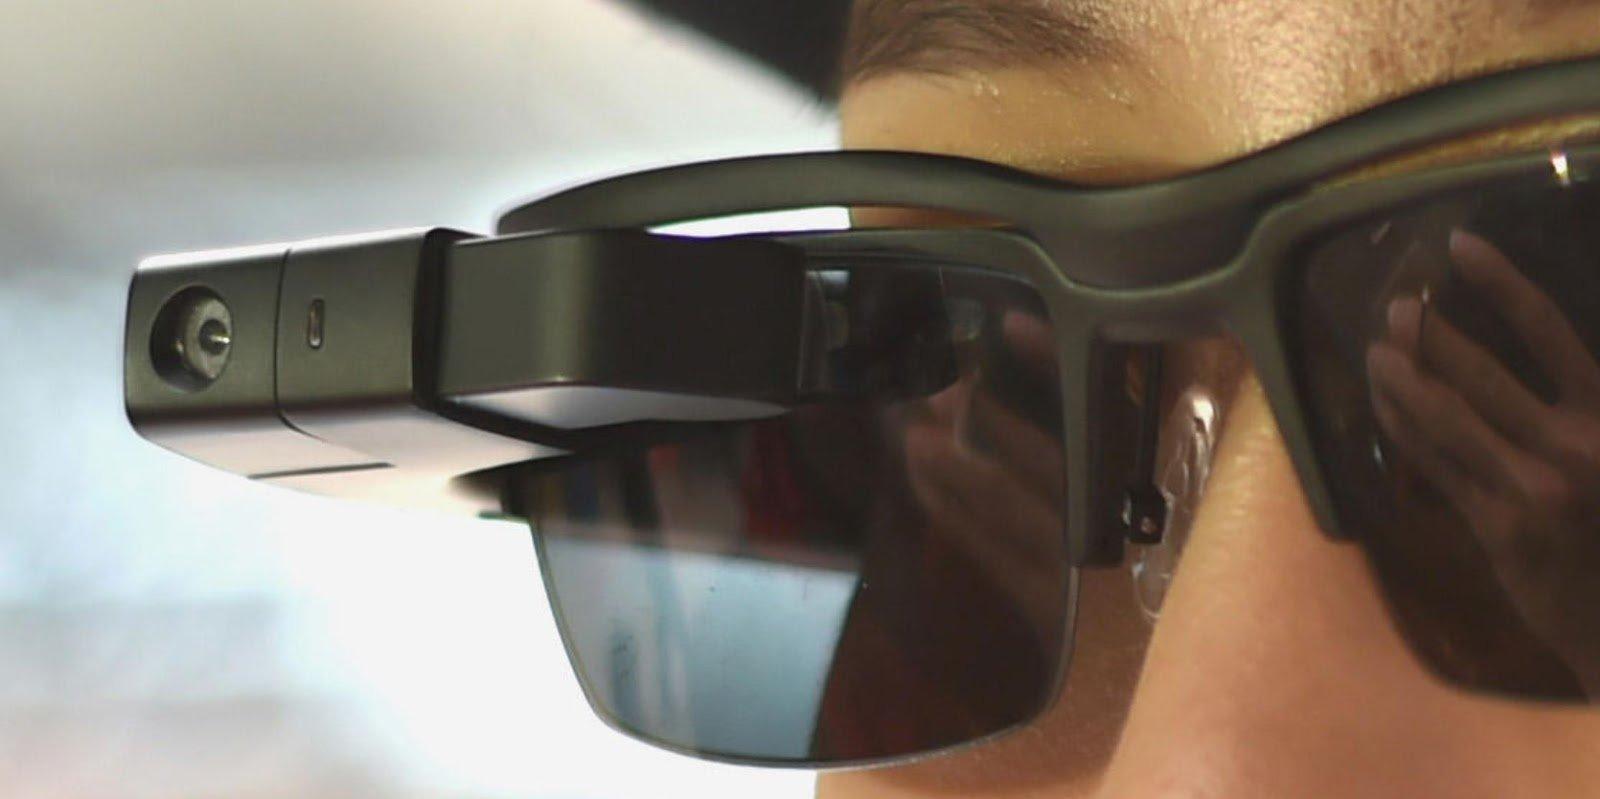 Çin polisi smart Günəş eynəklərini mövcud hakimiyyəti qorumaq üçün də istifadə edəcək